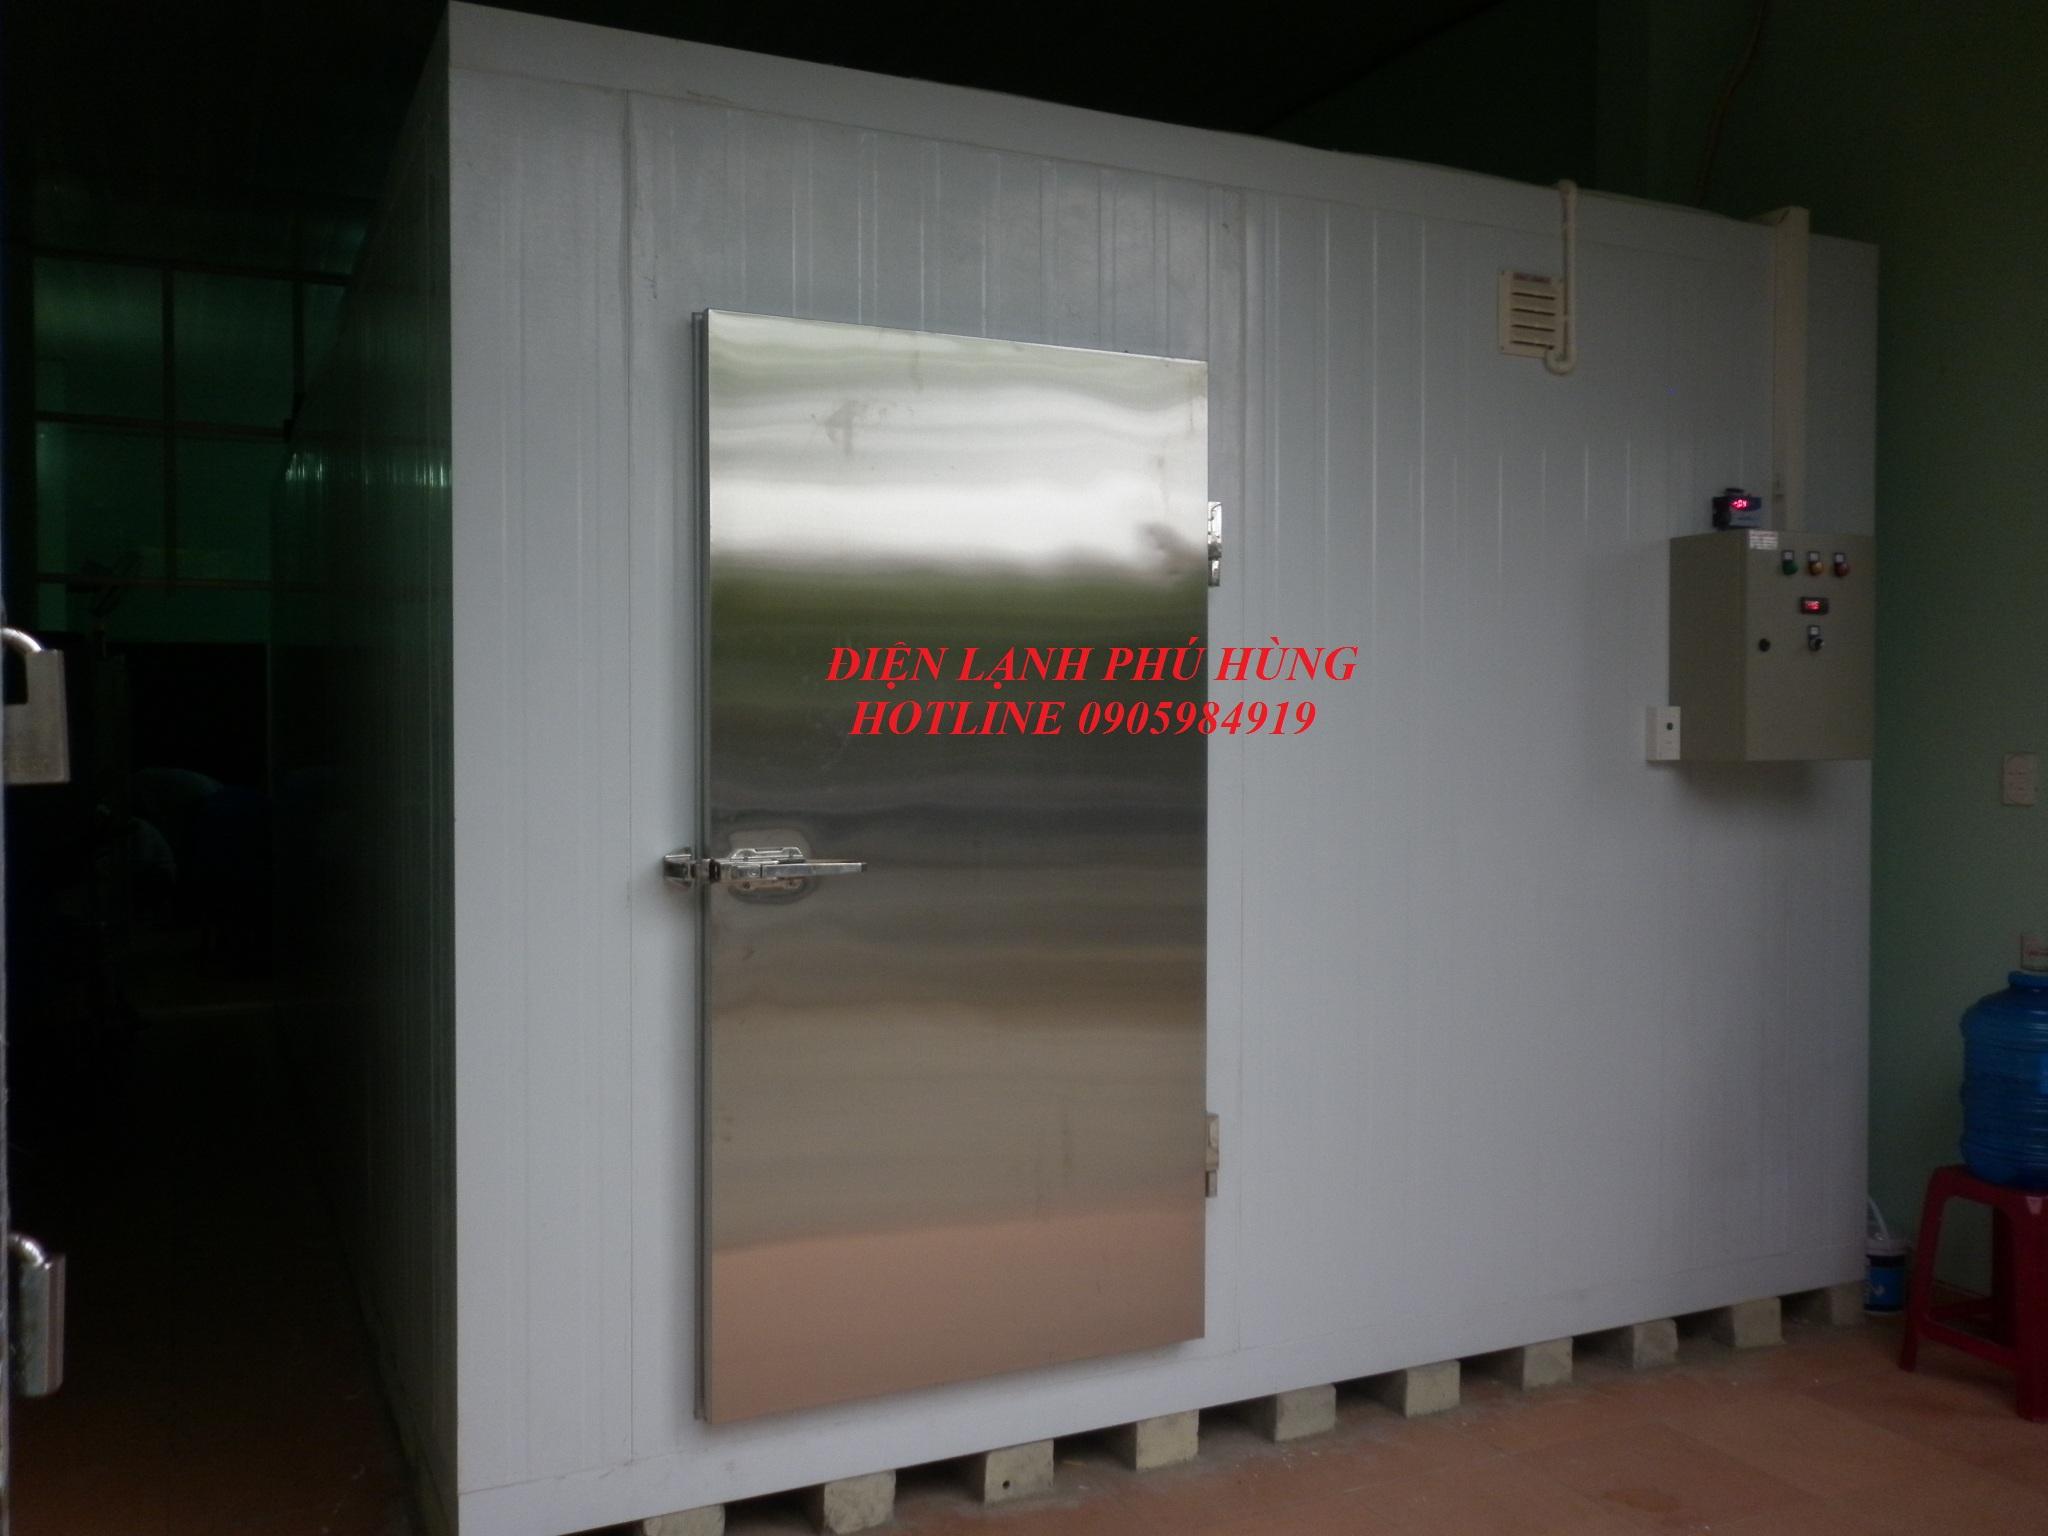 331 - Kho lanh bảo quản sữa vinamilk - Cty MTV Toàn Thành